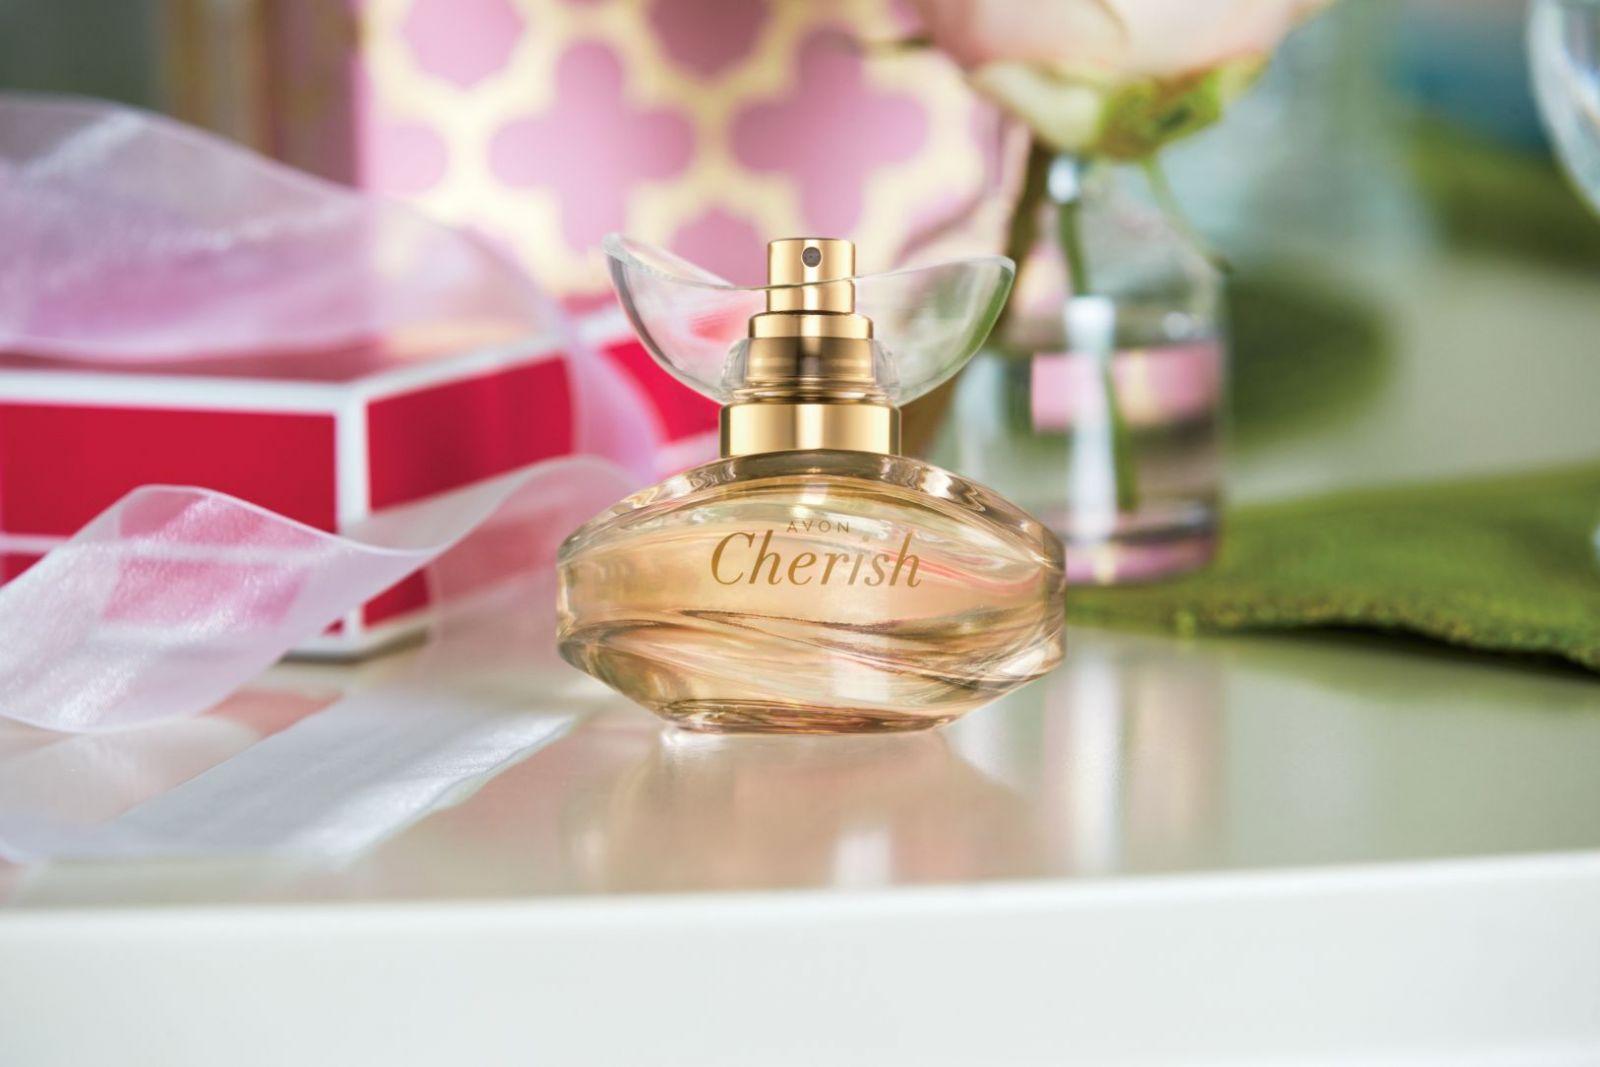 аромат Avon Cherish